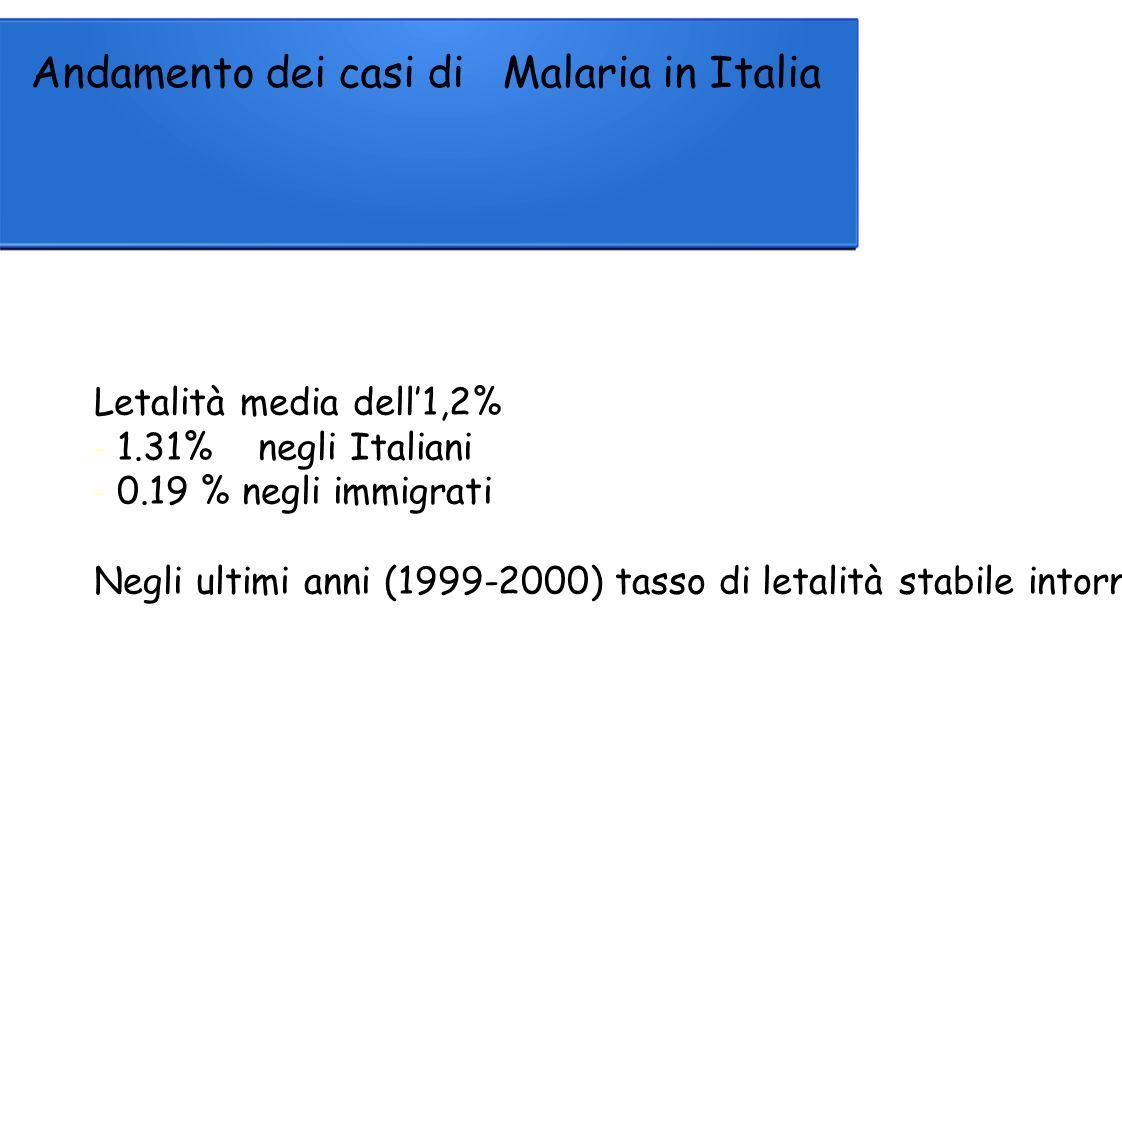 Andamento dei casi diMalaria in Italia Letalità media dell'1,2% -1.31%negli Italiani -0.19 % negli immigrati Negli ultimi anni (1999-2000) tasso di letalità stabile intorno allo 0,5%